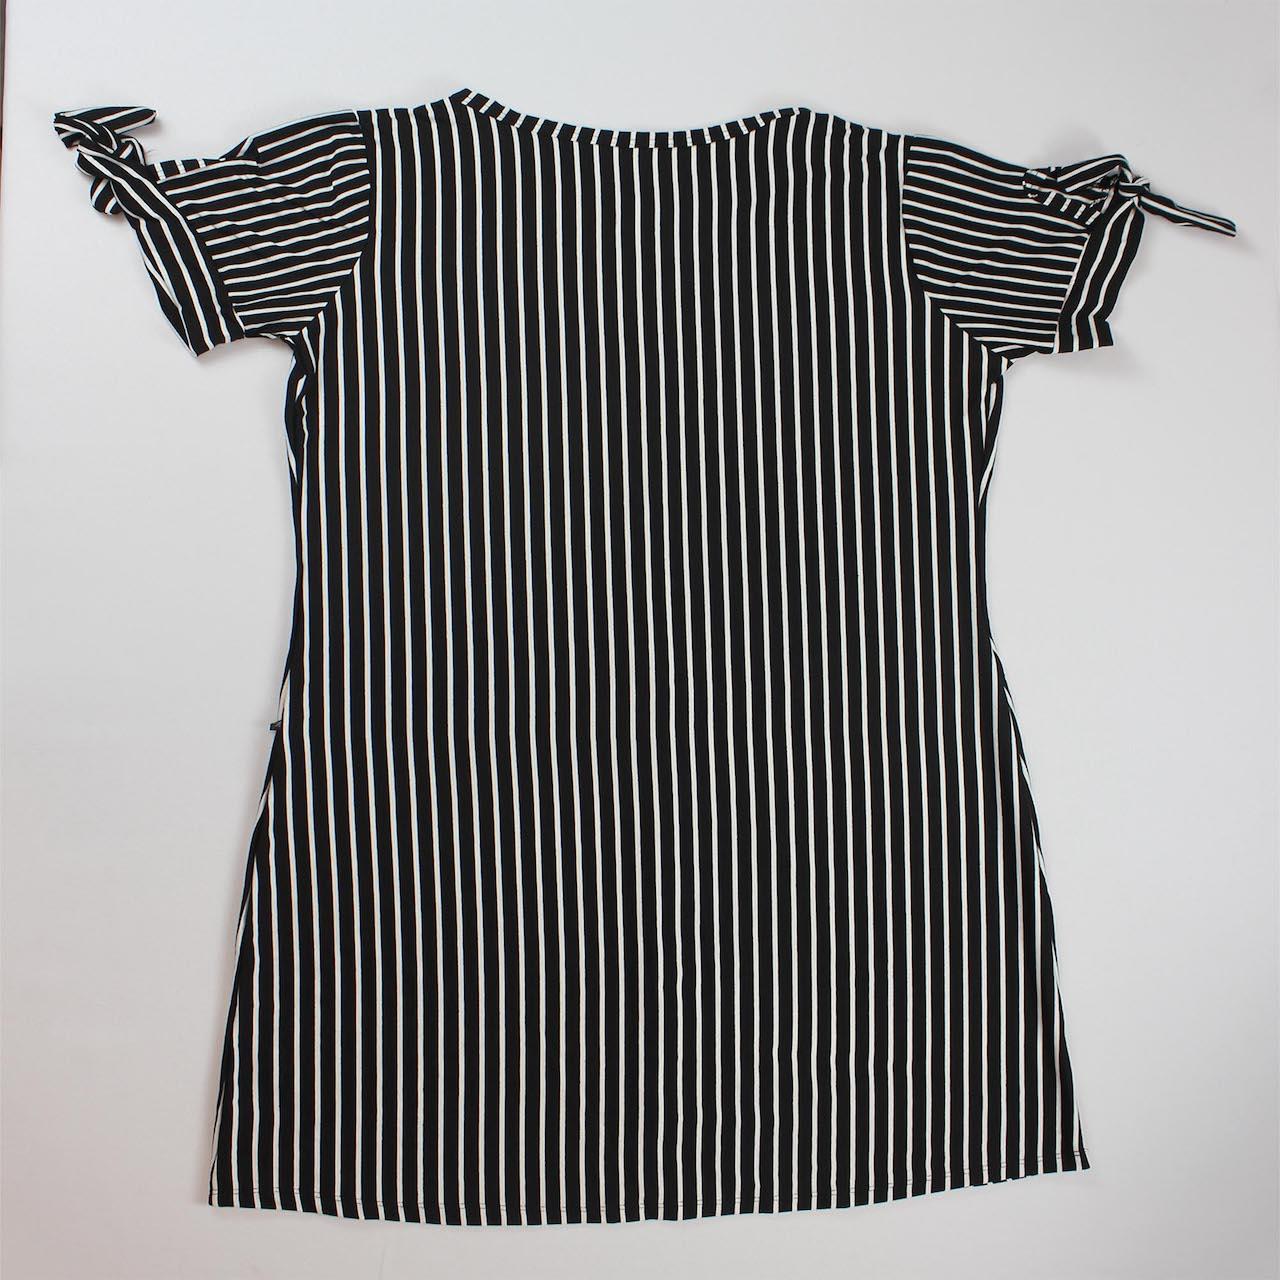 Vestido Curto Listrado com Laço na Manga Feminino - Preto e Branco Listra Fina